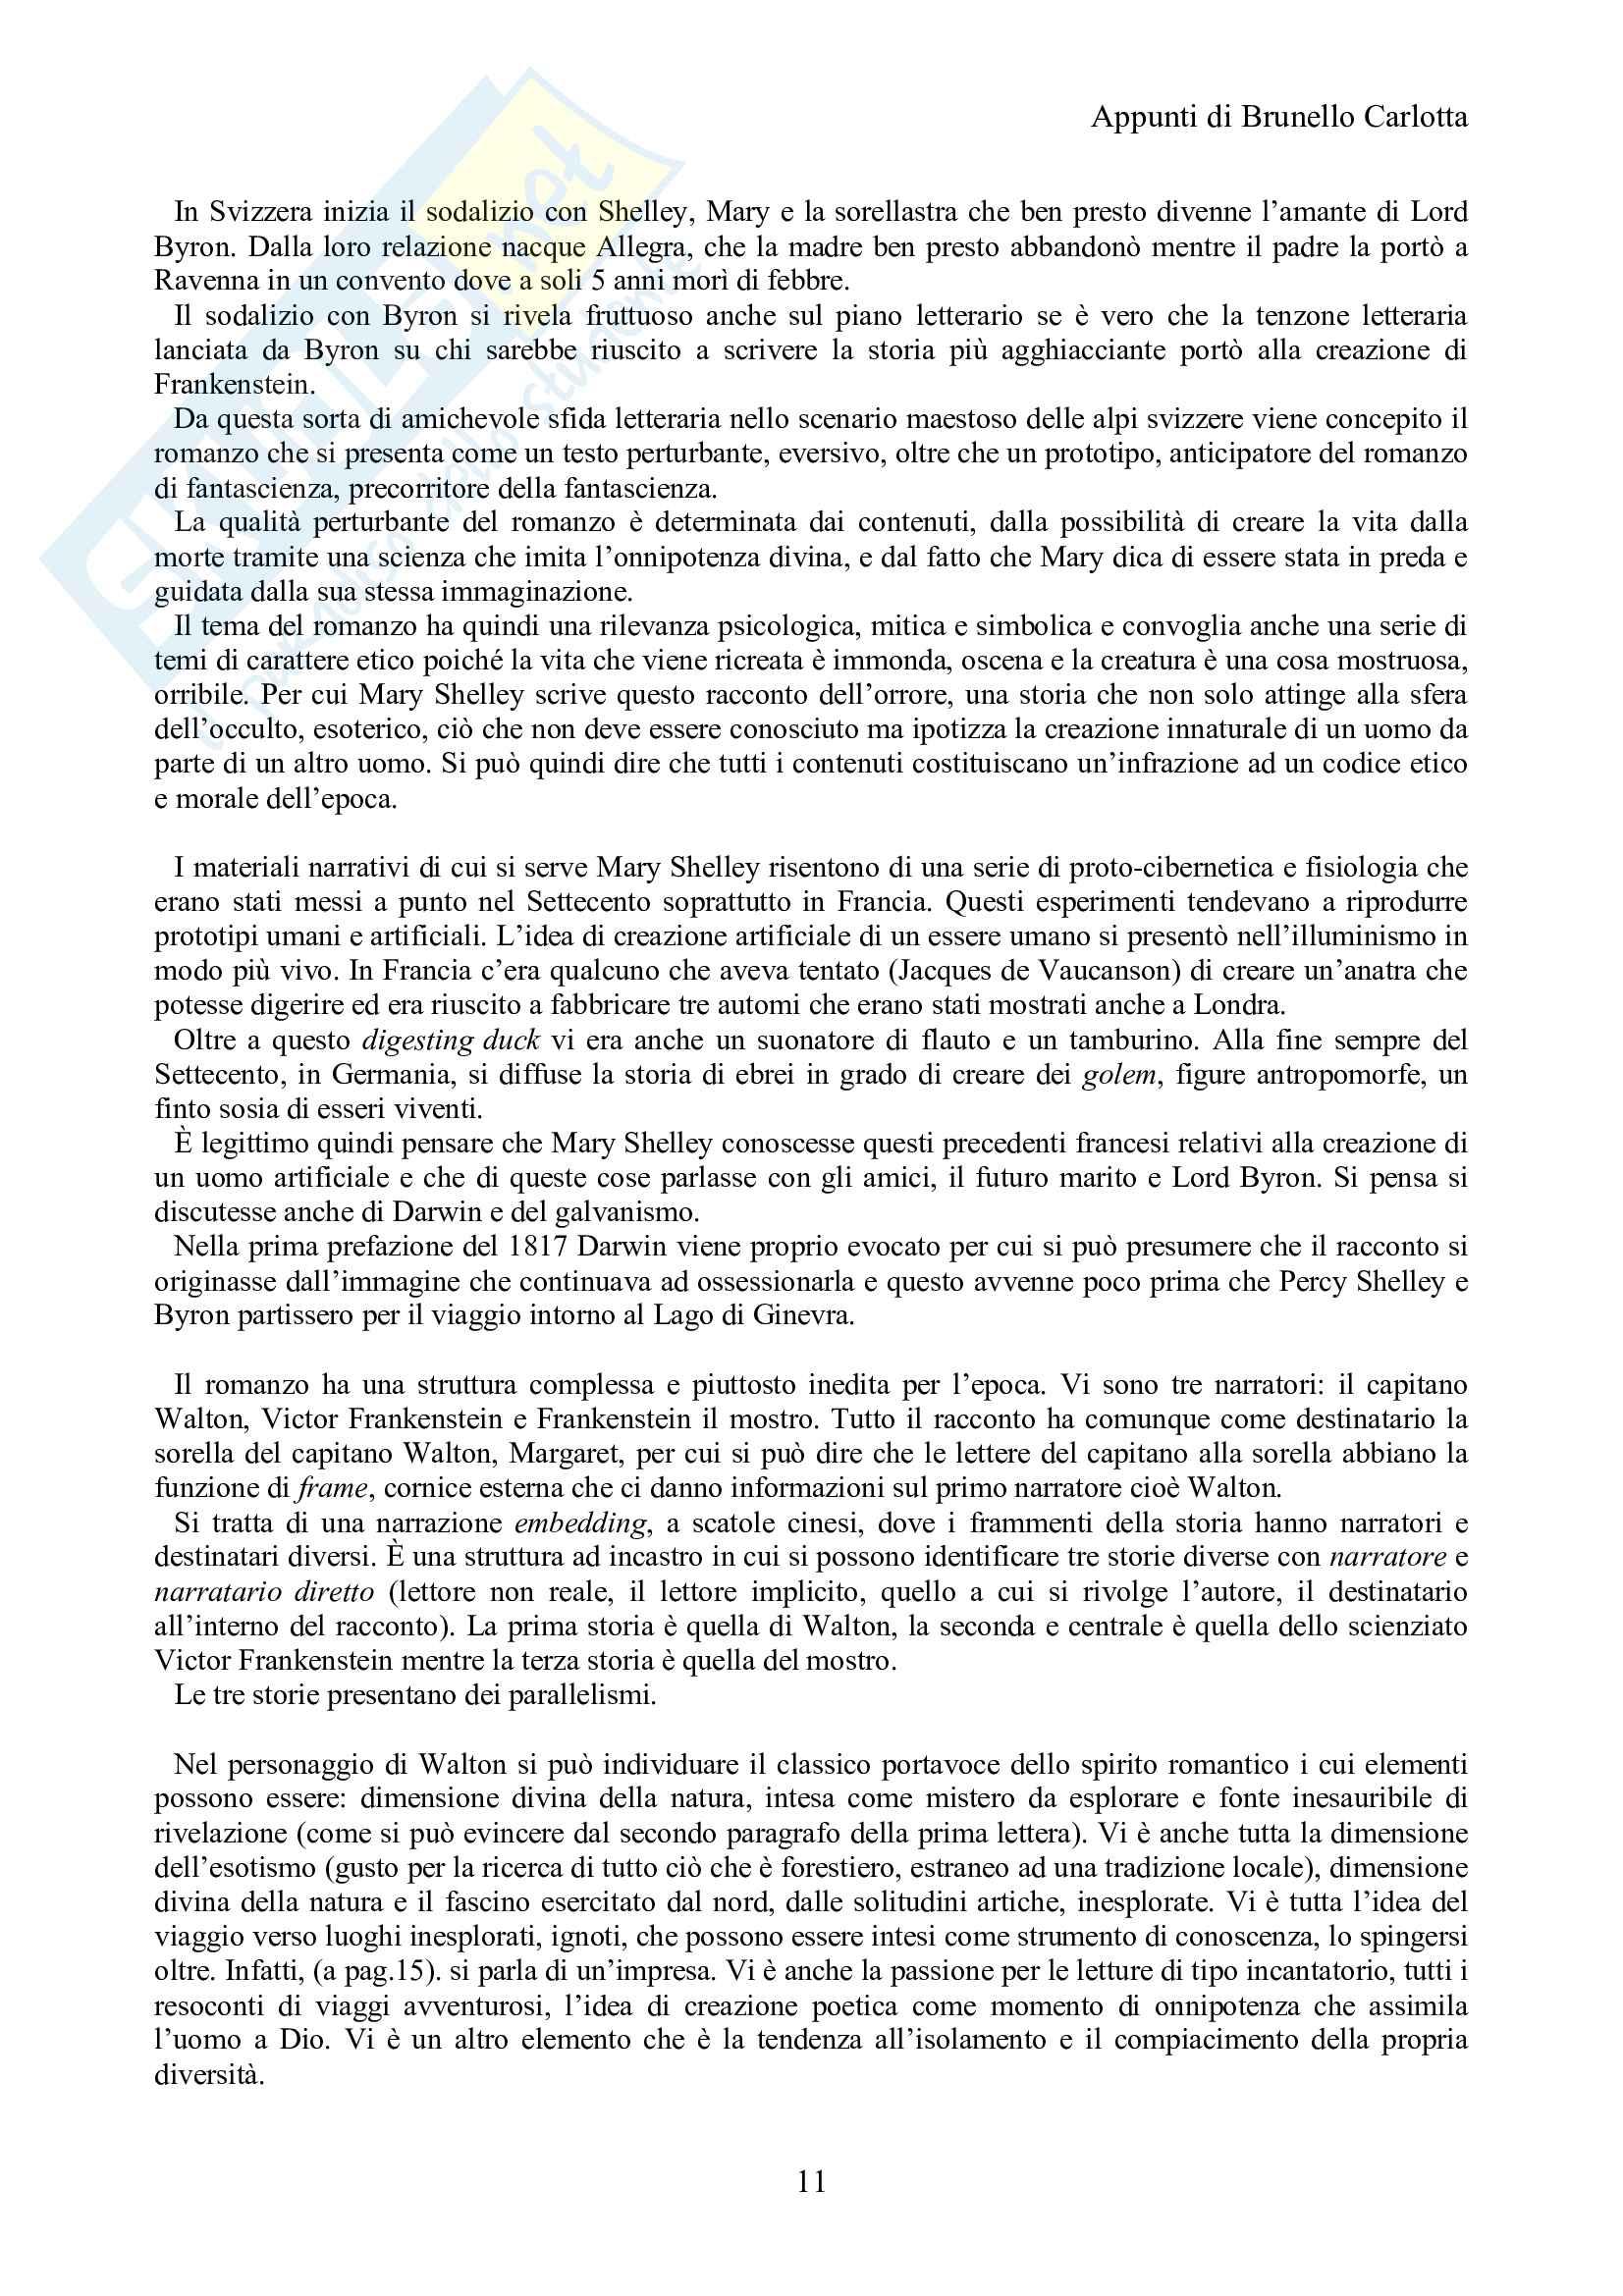 Appunti Società e culture di lingua inglese Pag. 11